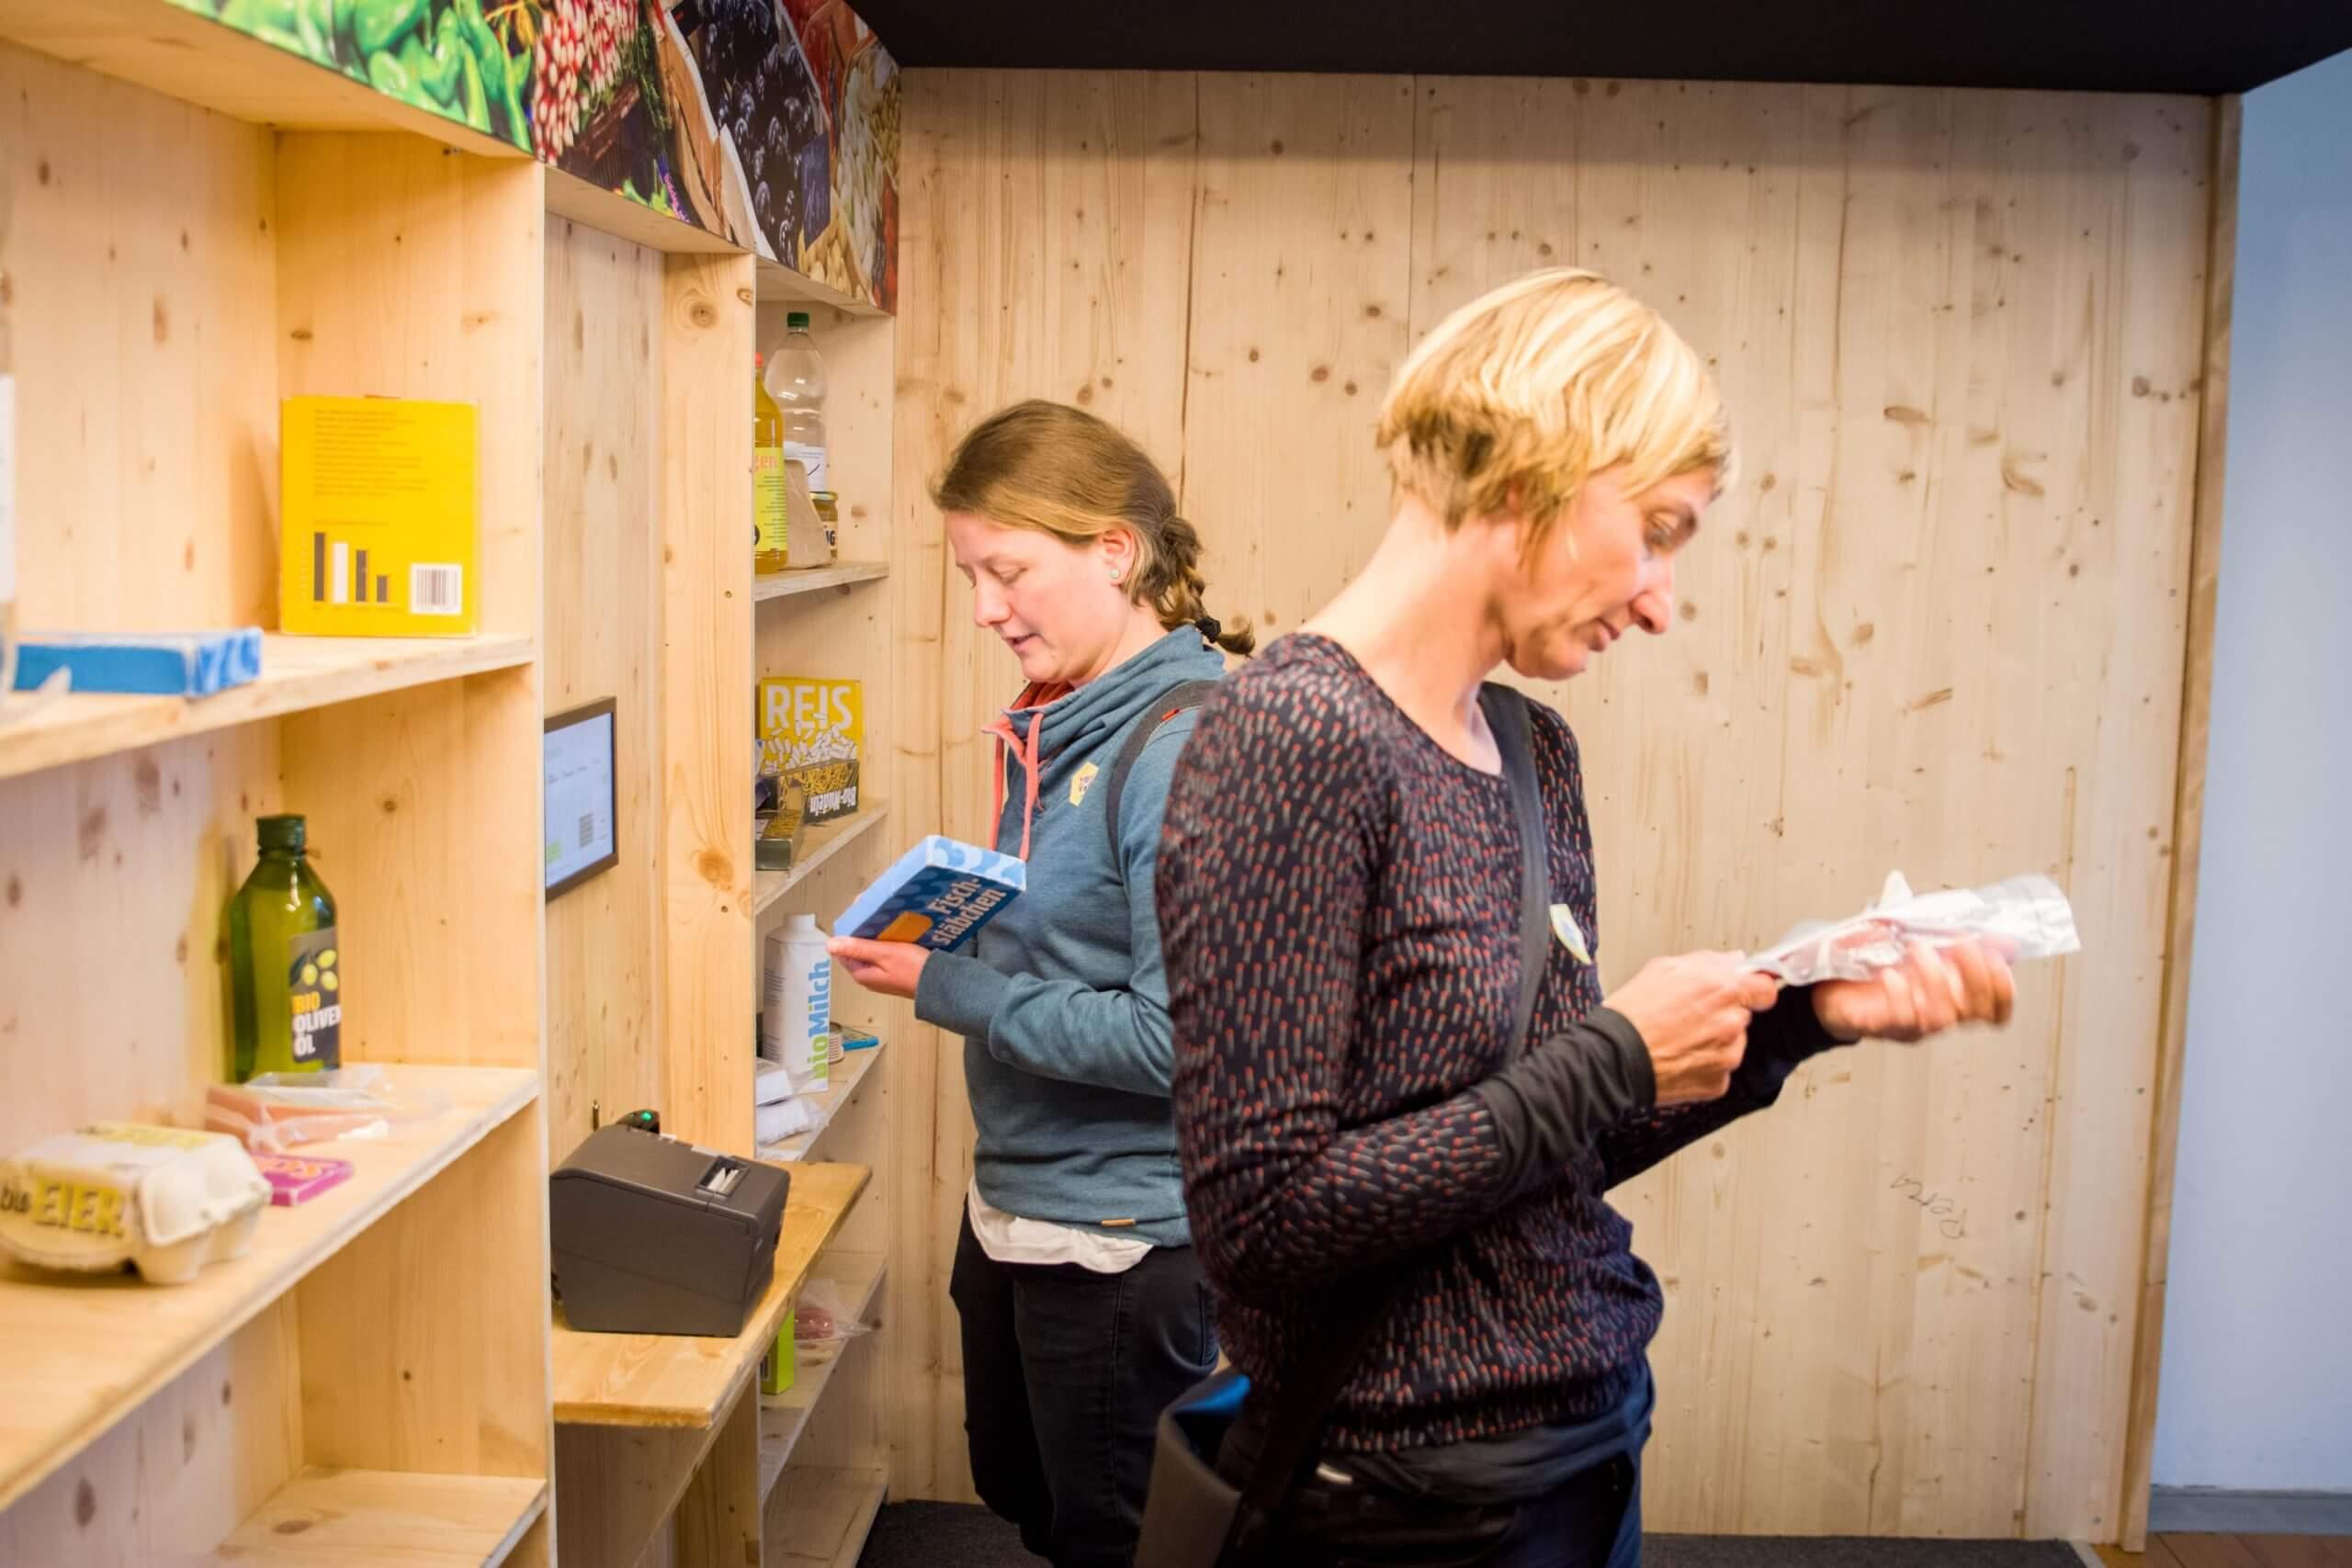 Bild vom Ausstellungsbesuch mit zwei Frauen